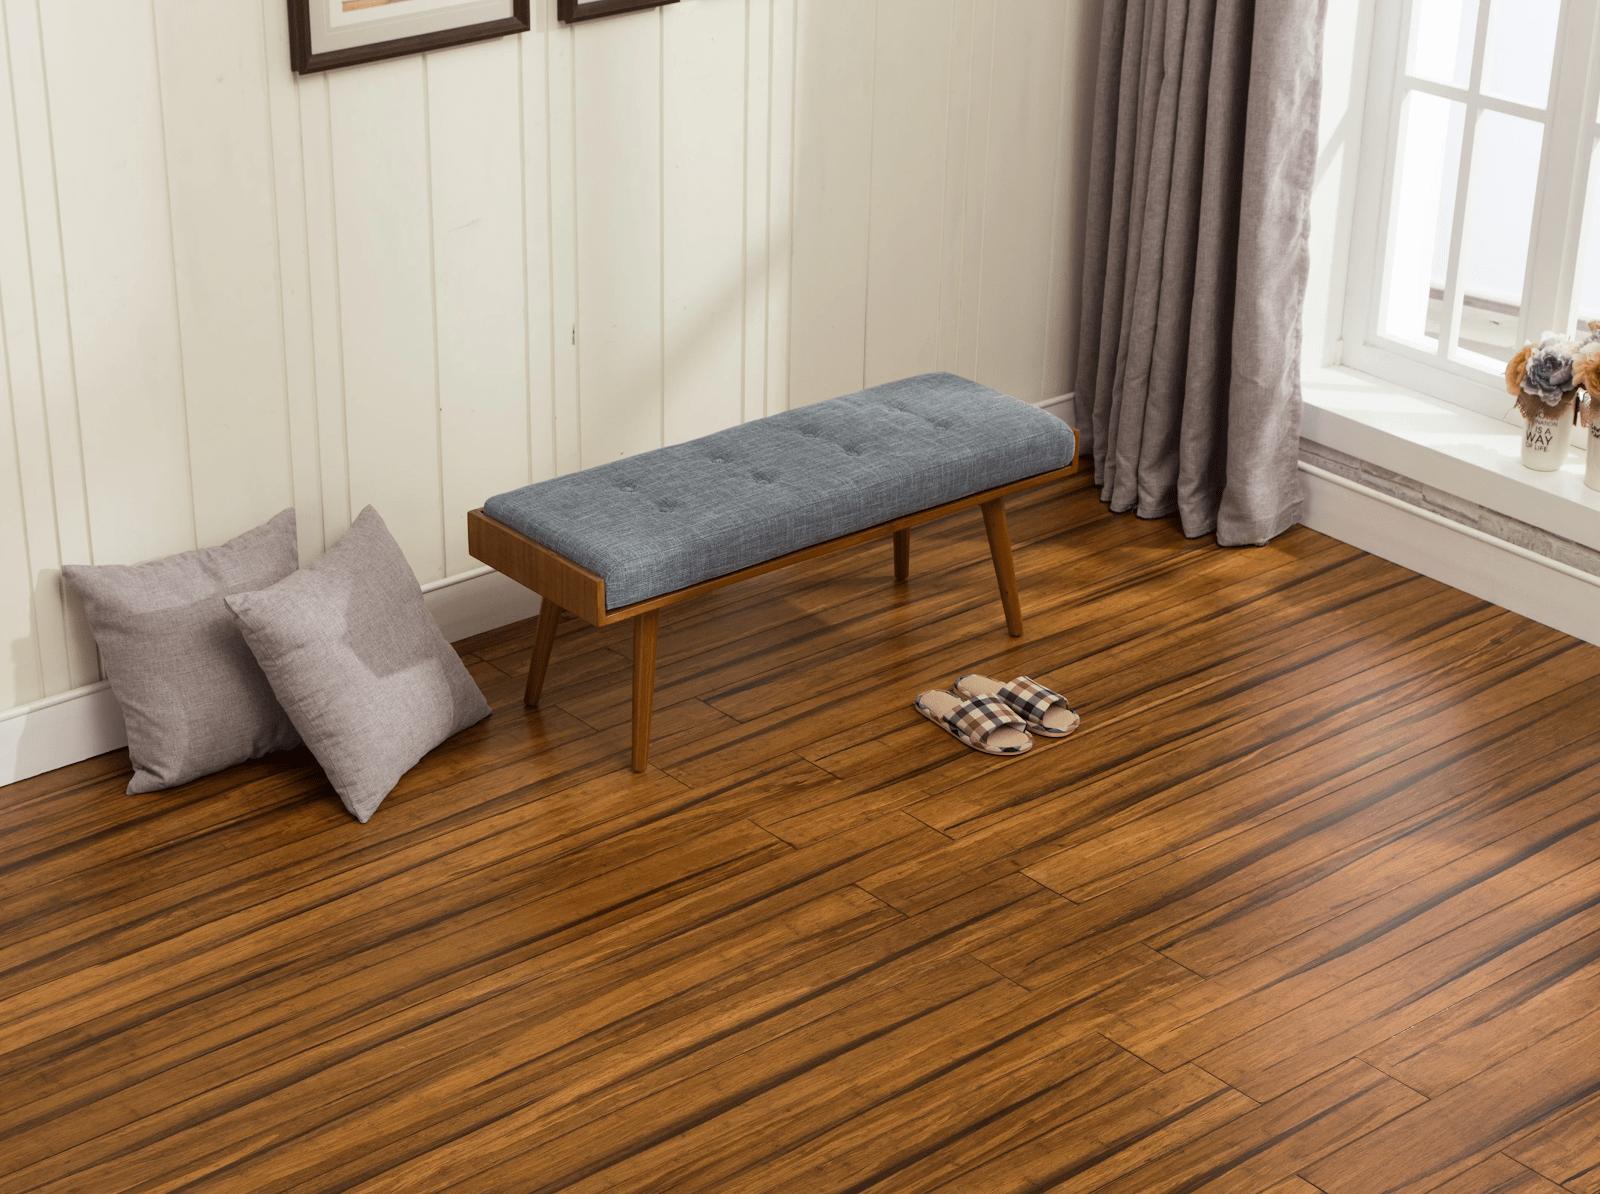 Sàn tre đem lại tính thẩm mỹ cũng như nhiều lợi ích khác cho ngôi nhà